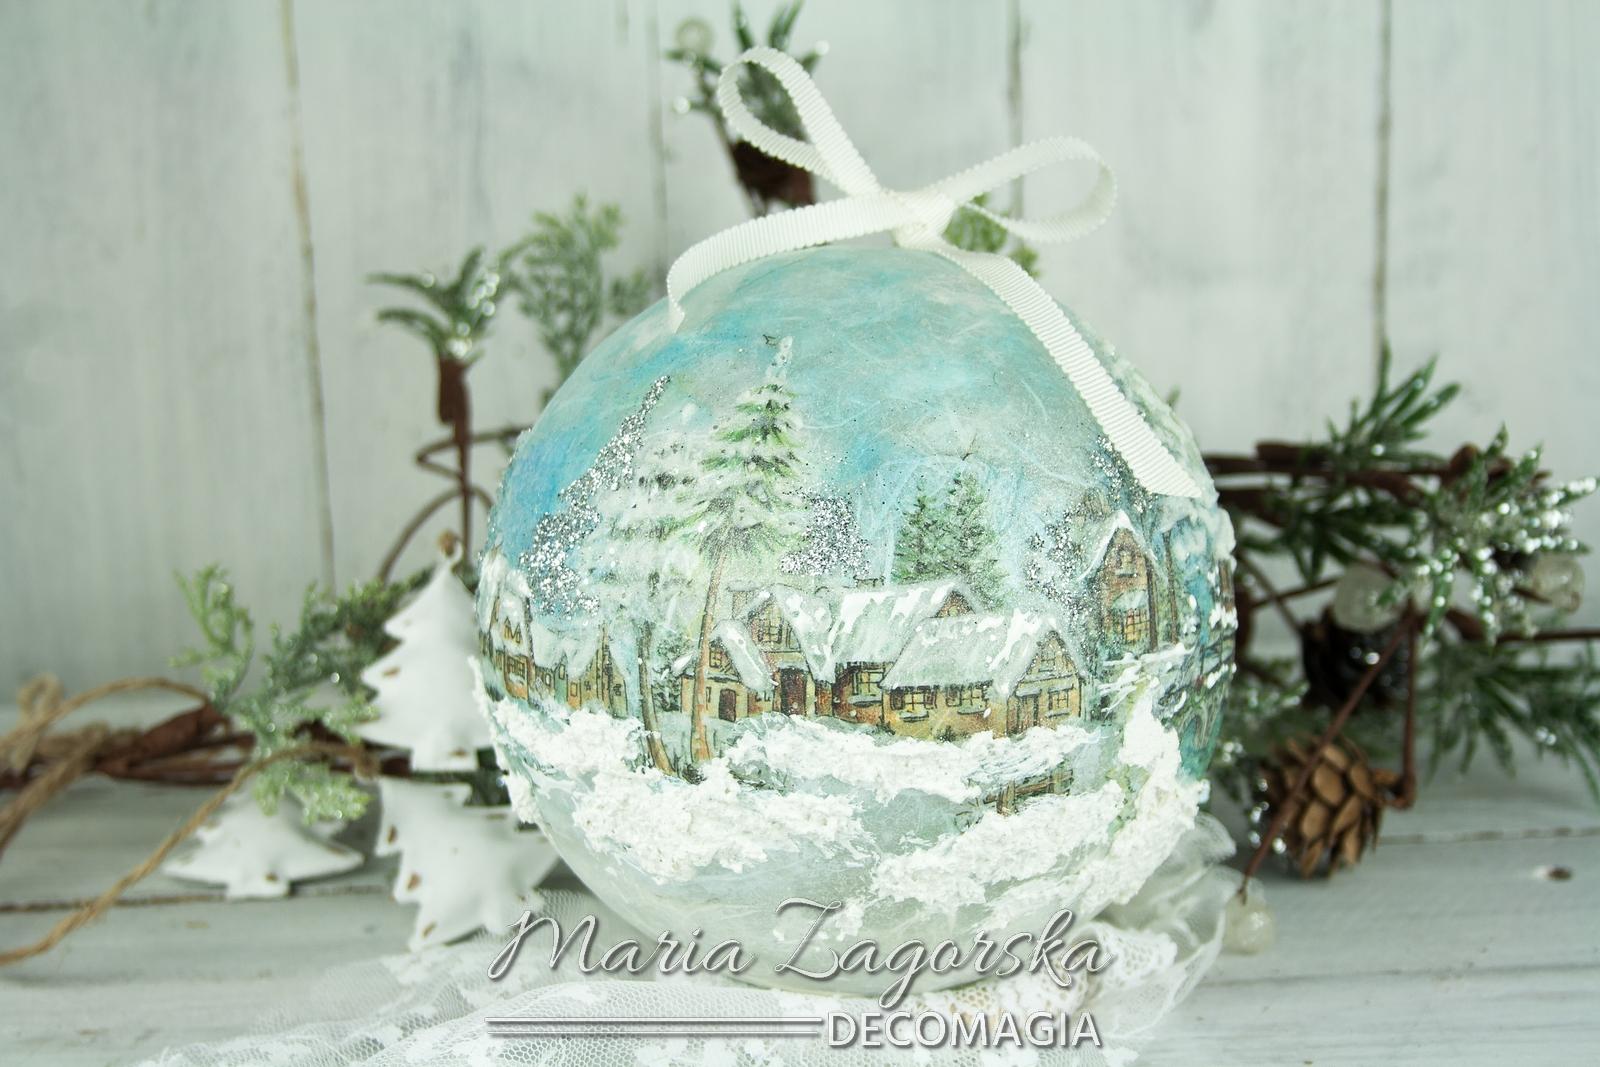 Χριστουγεννιάτικη μπάλα με decoupage